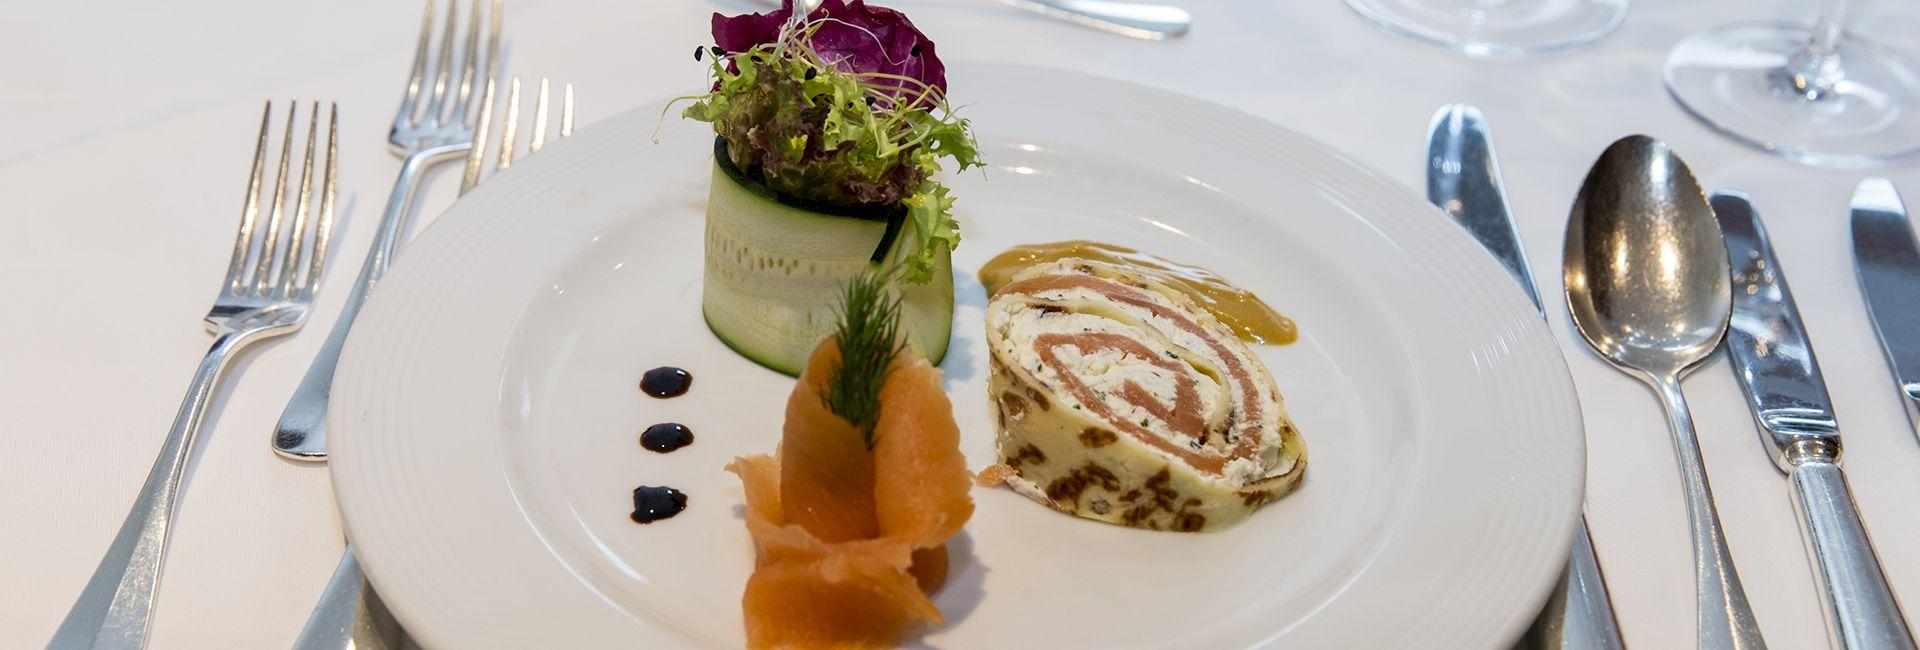 Kreative Lachsvorspeise im Hotel Cresta Flims Kulinarik